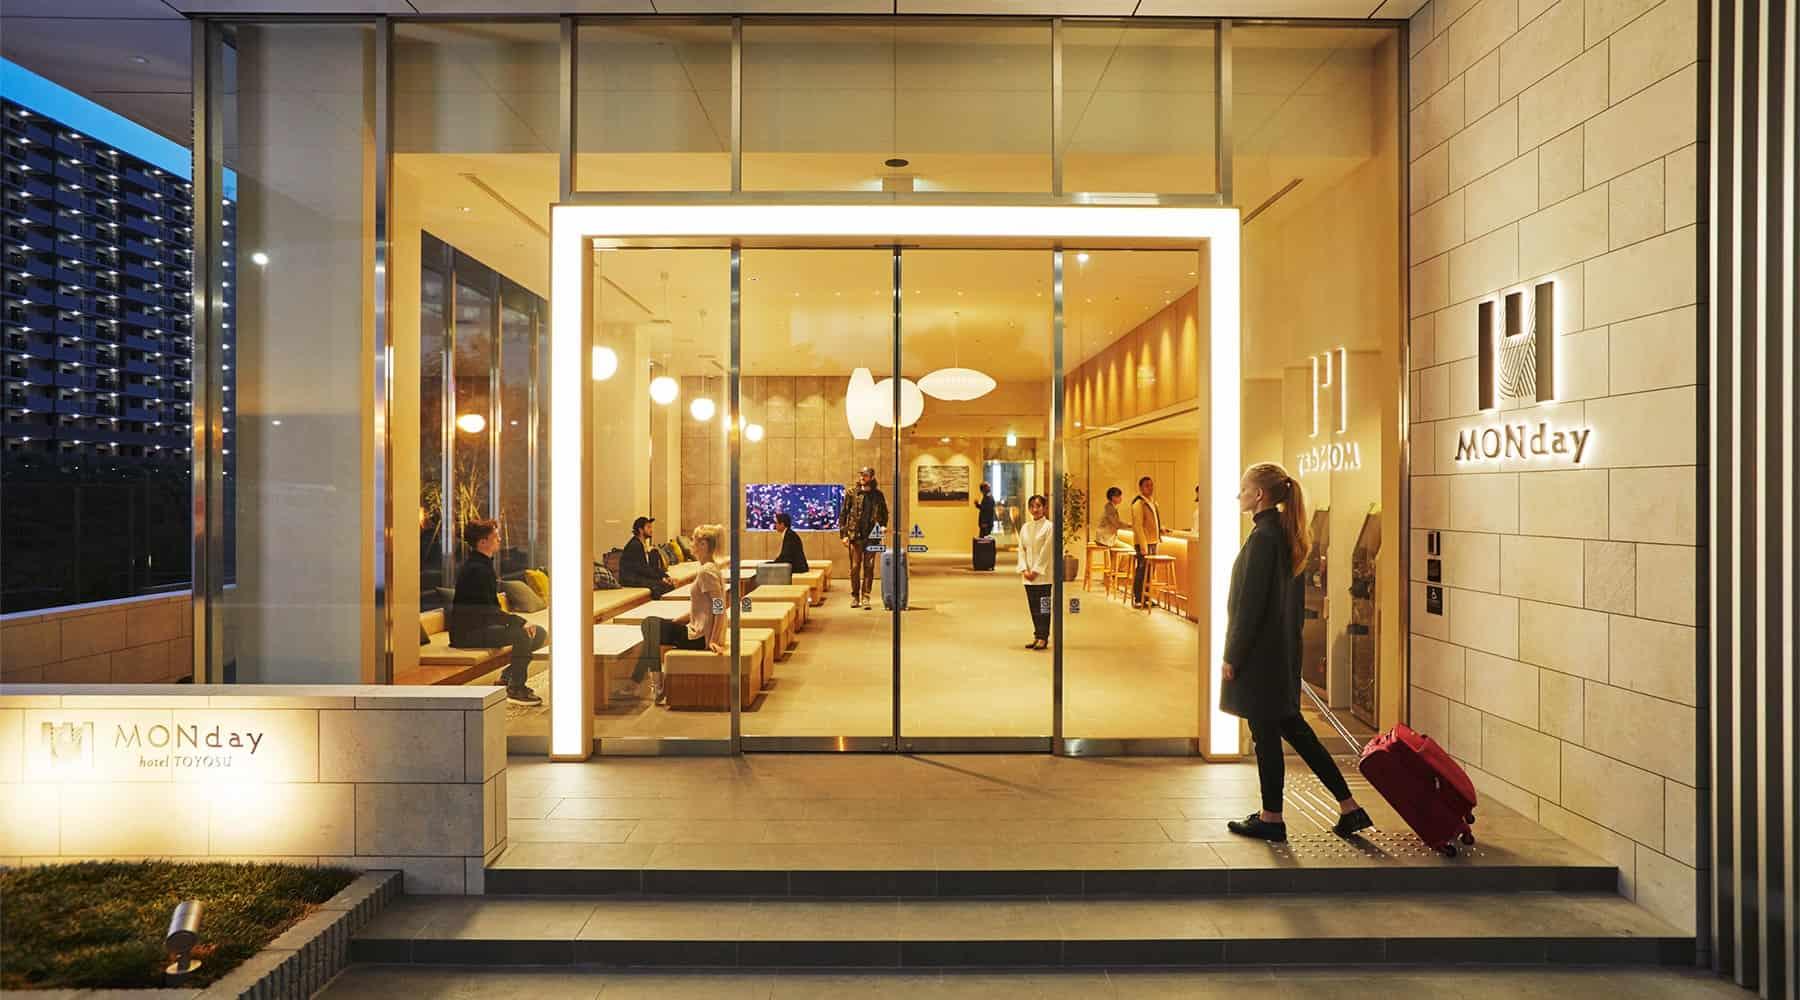 การใช้งาน taxfreeonline.jp เว็บช็อปปิ้งสินค้าปลอดภาษีของญี่ปุ่น